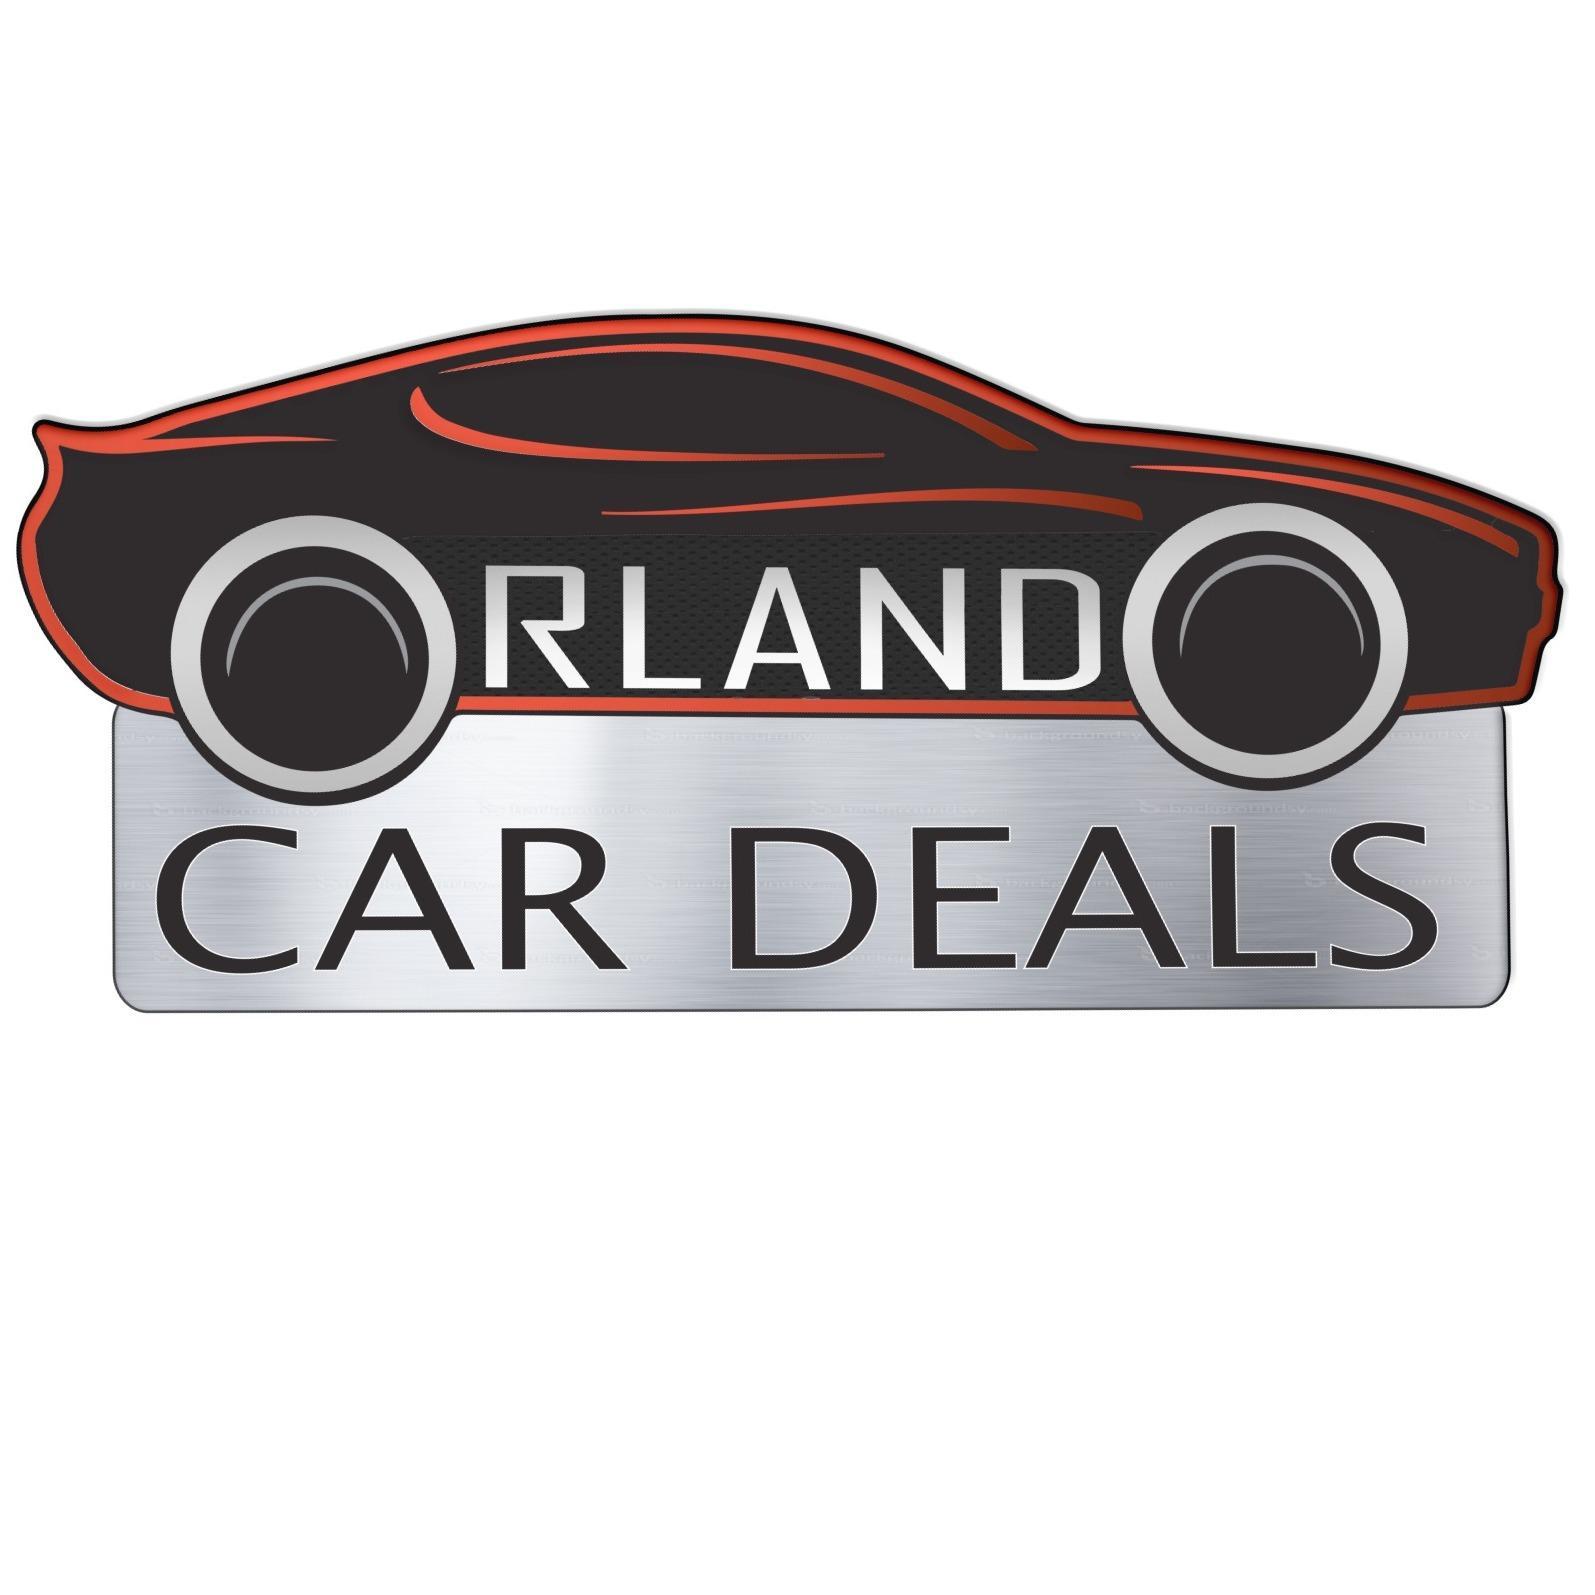 Orlando Car Deals